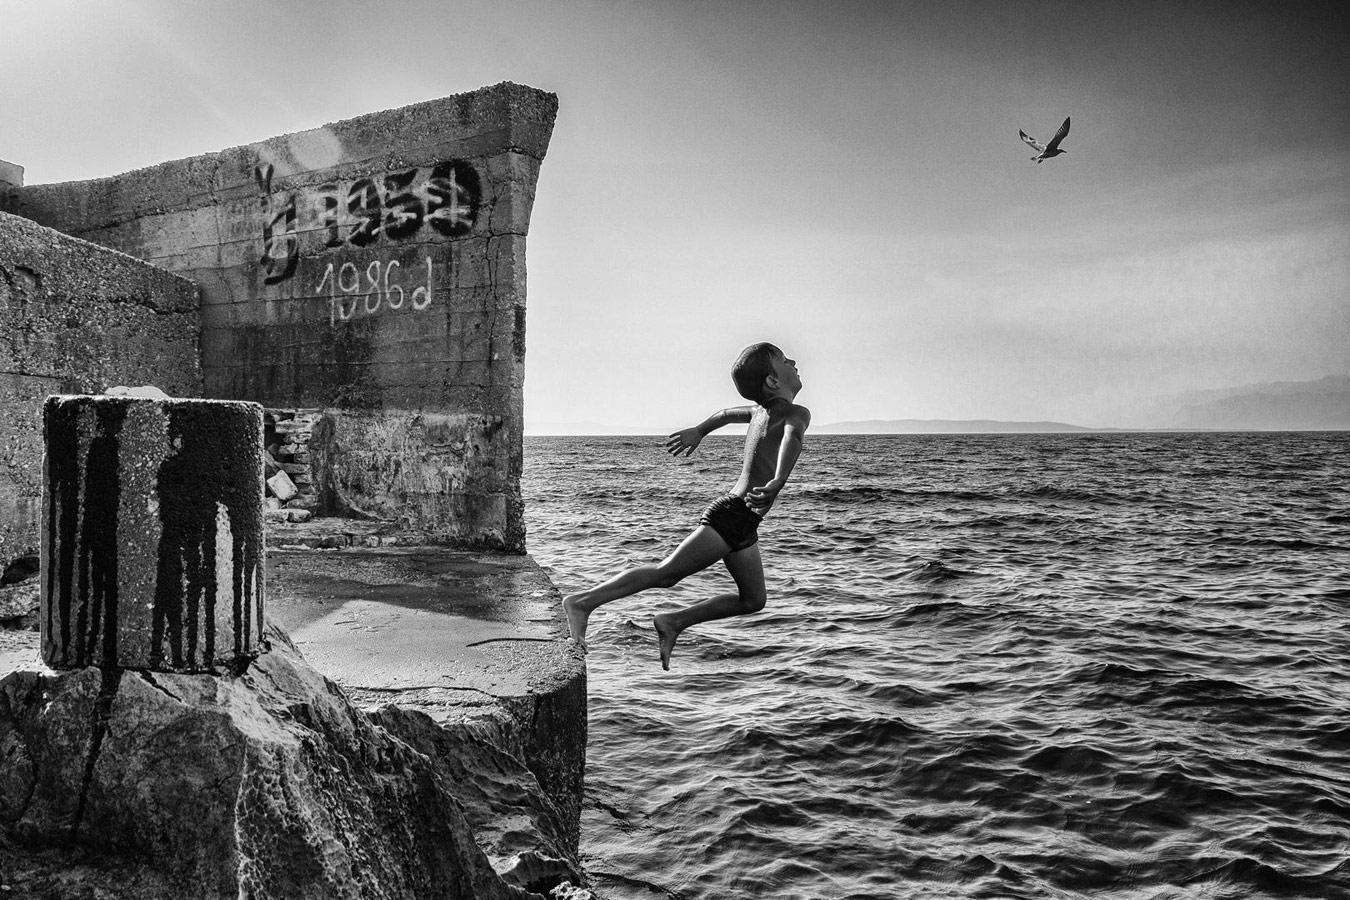 Научиться летать, © Саша Иванович, 2-й победитель, Фотоконкурс CEPIC Stock Photography Awards